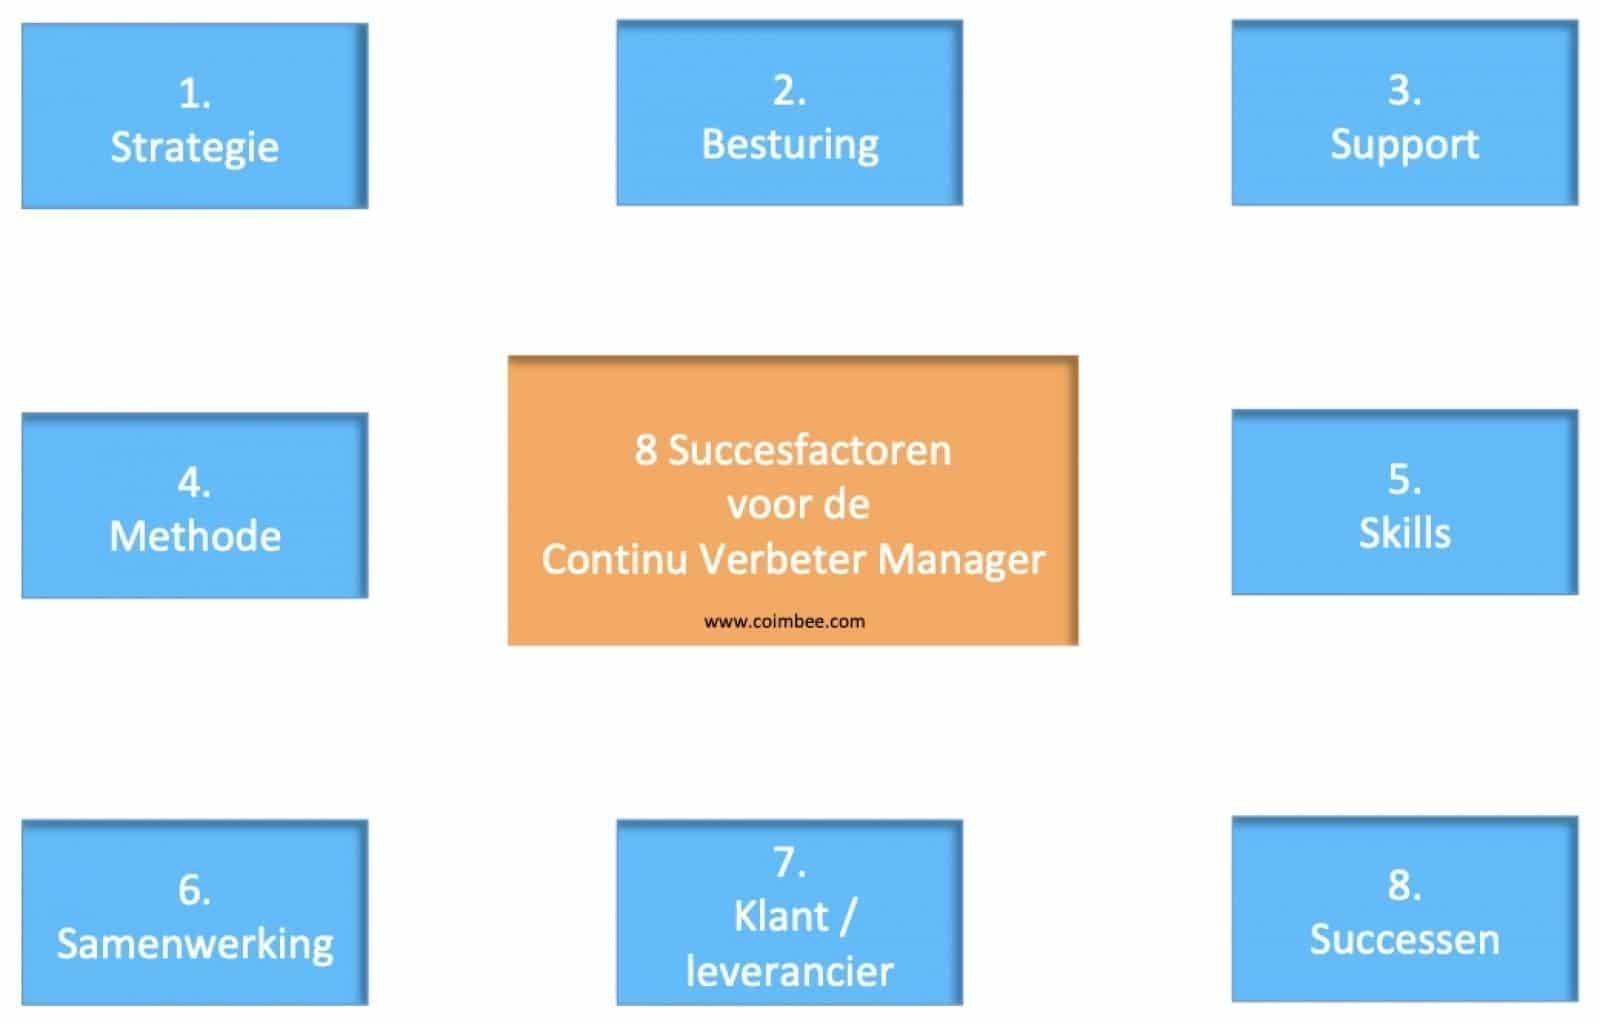 8 succesfactoren voor de continu verbeter manager